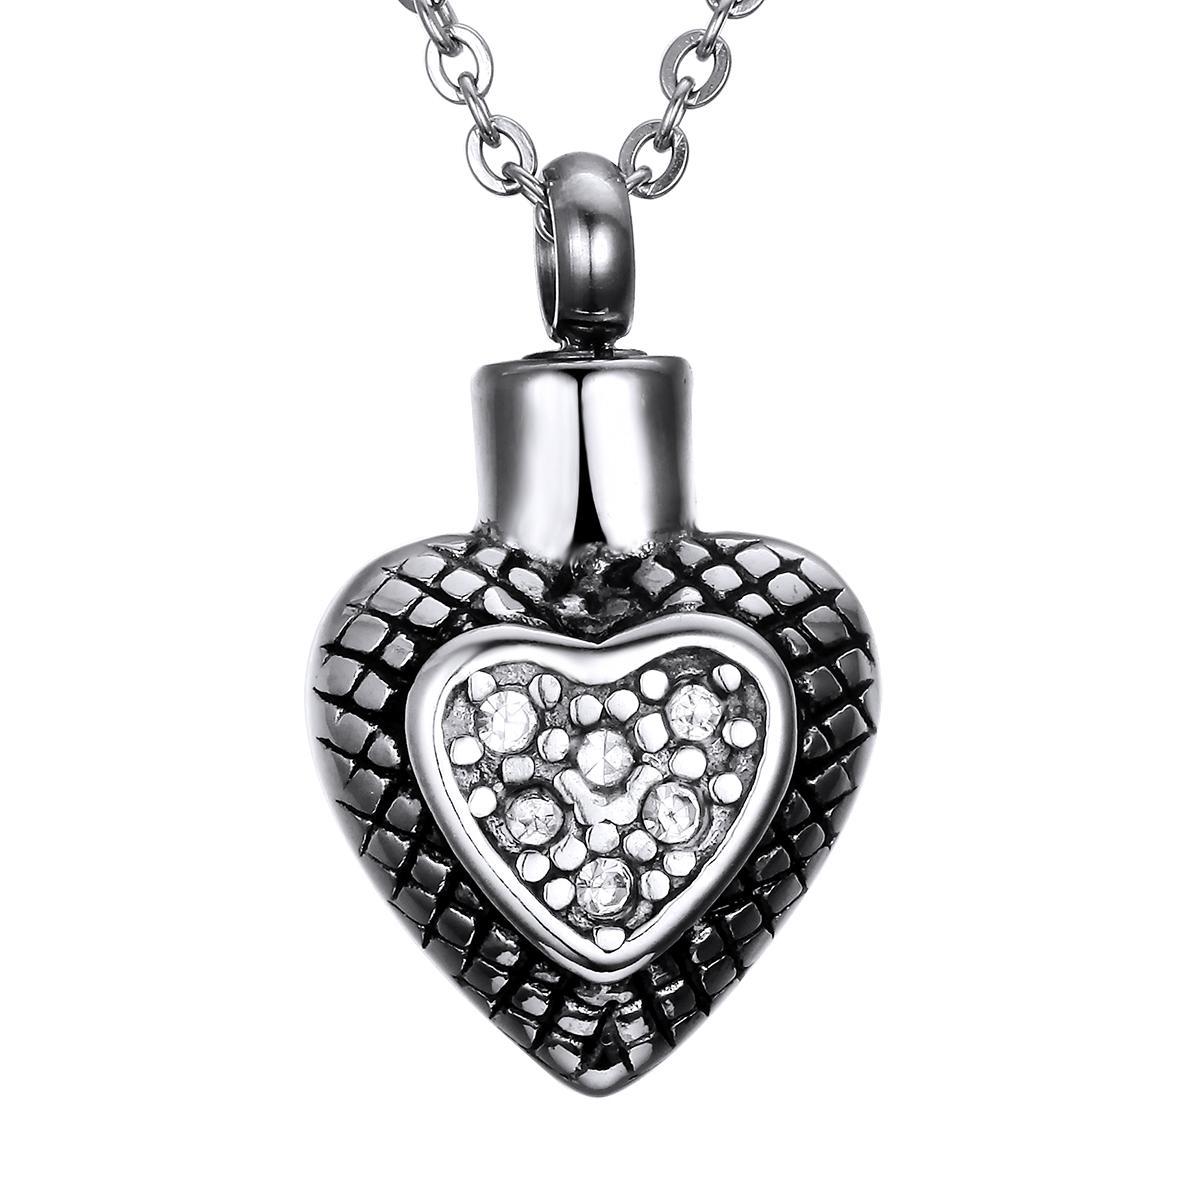 ユリの火葬ジュエリーのurnのレトロなダイヤモンドのハート型の記念ペンダント灰のネックレスケープケーキチェーンネックレスギフトバッグ